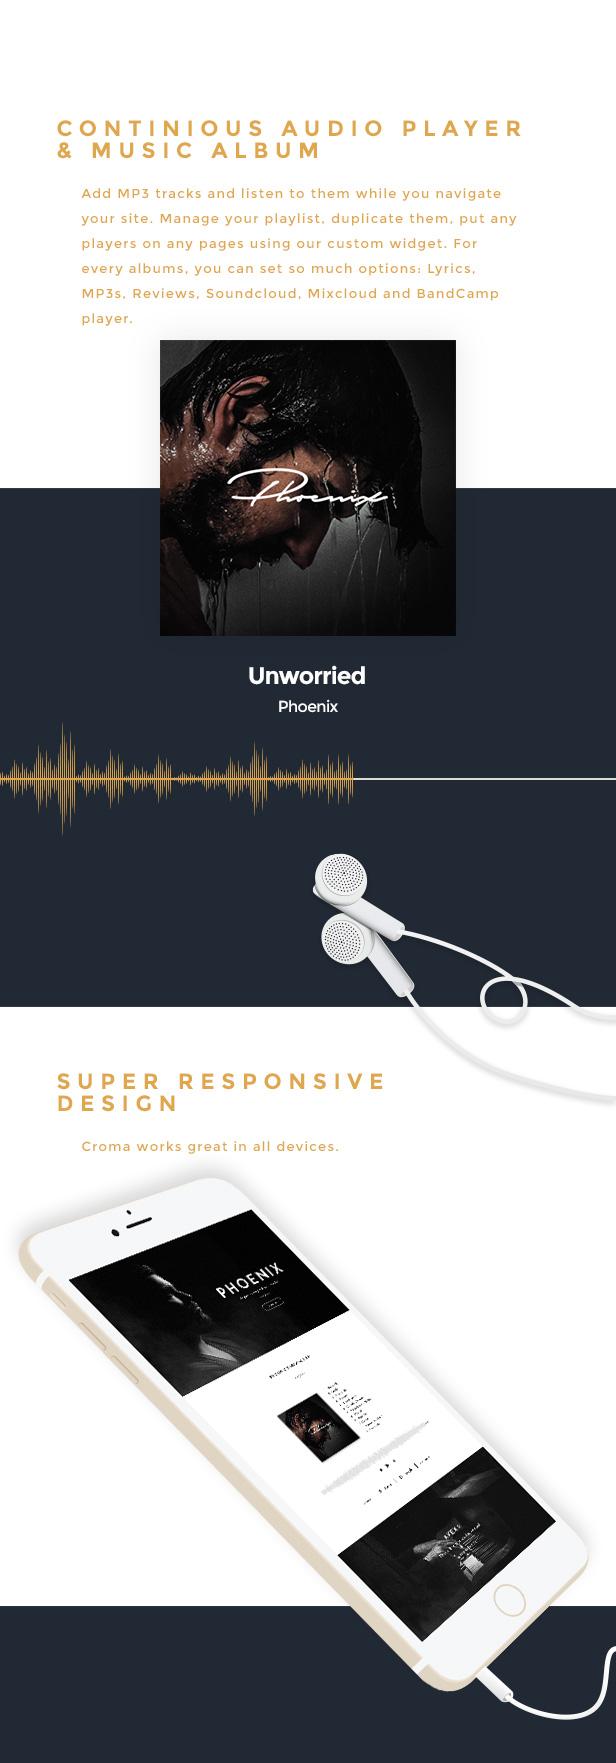 croma marketingV3 02 - Croma - Music WordPress Theme with Ajax and Continuous Playback